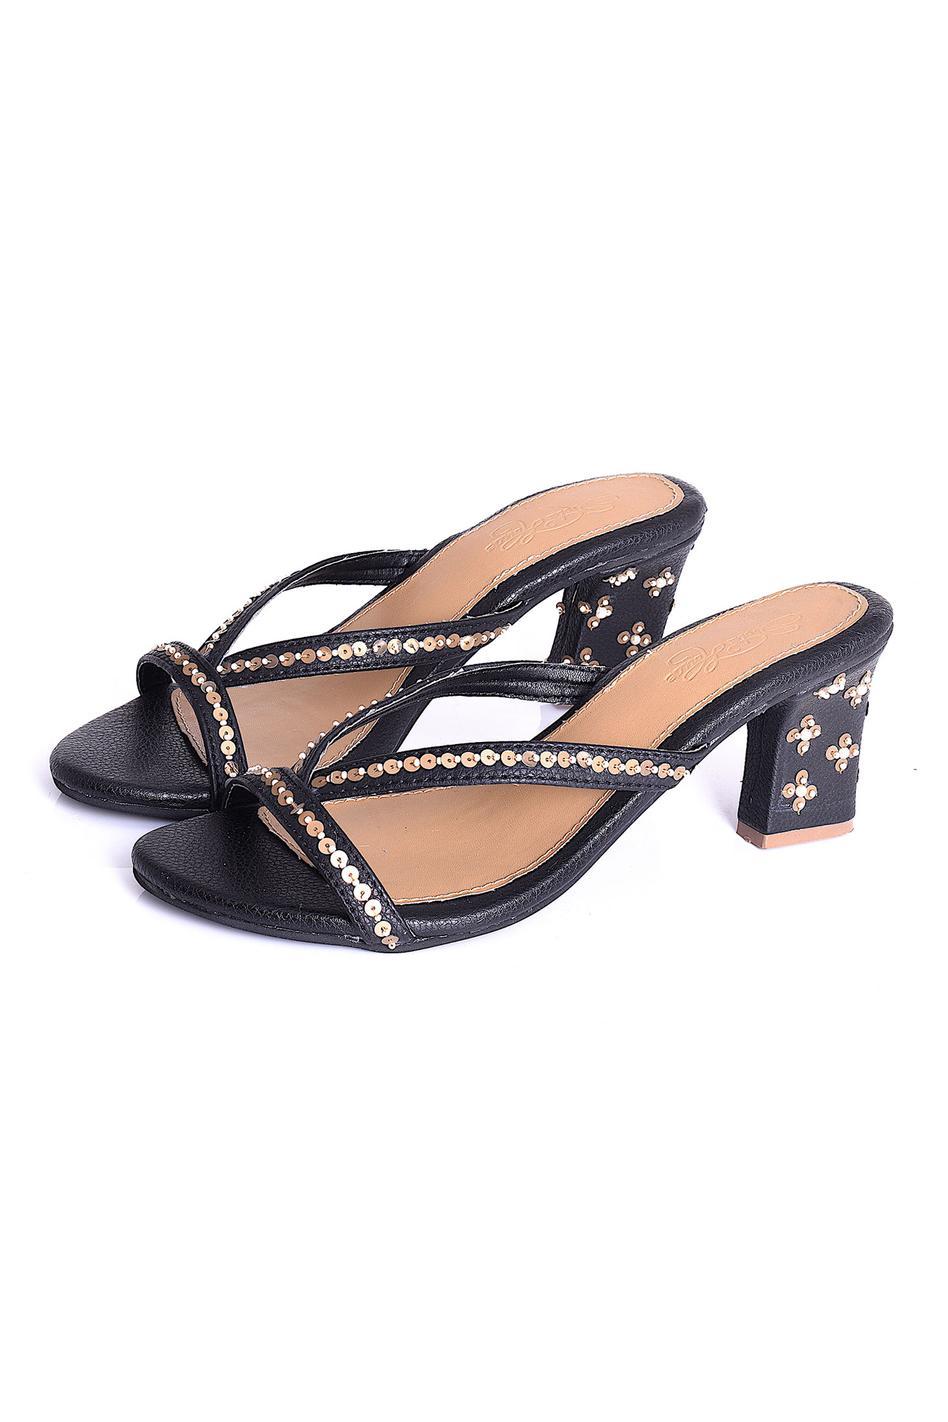 Vegan Leather Embellished Heels